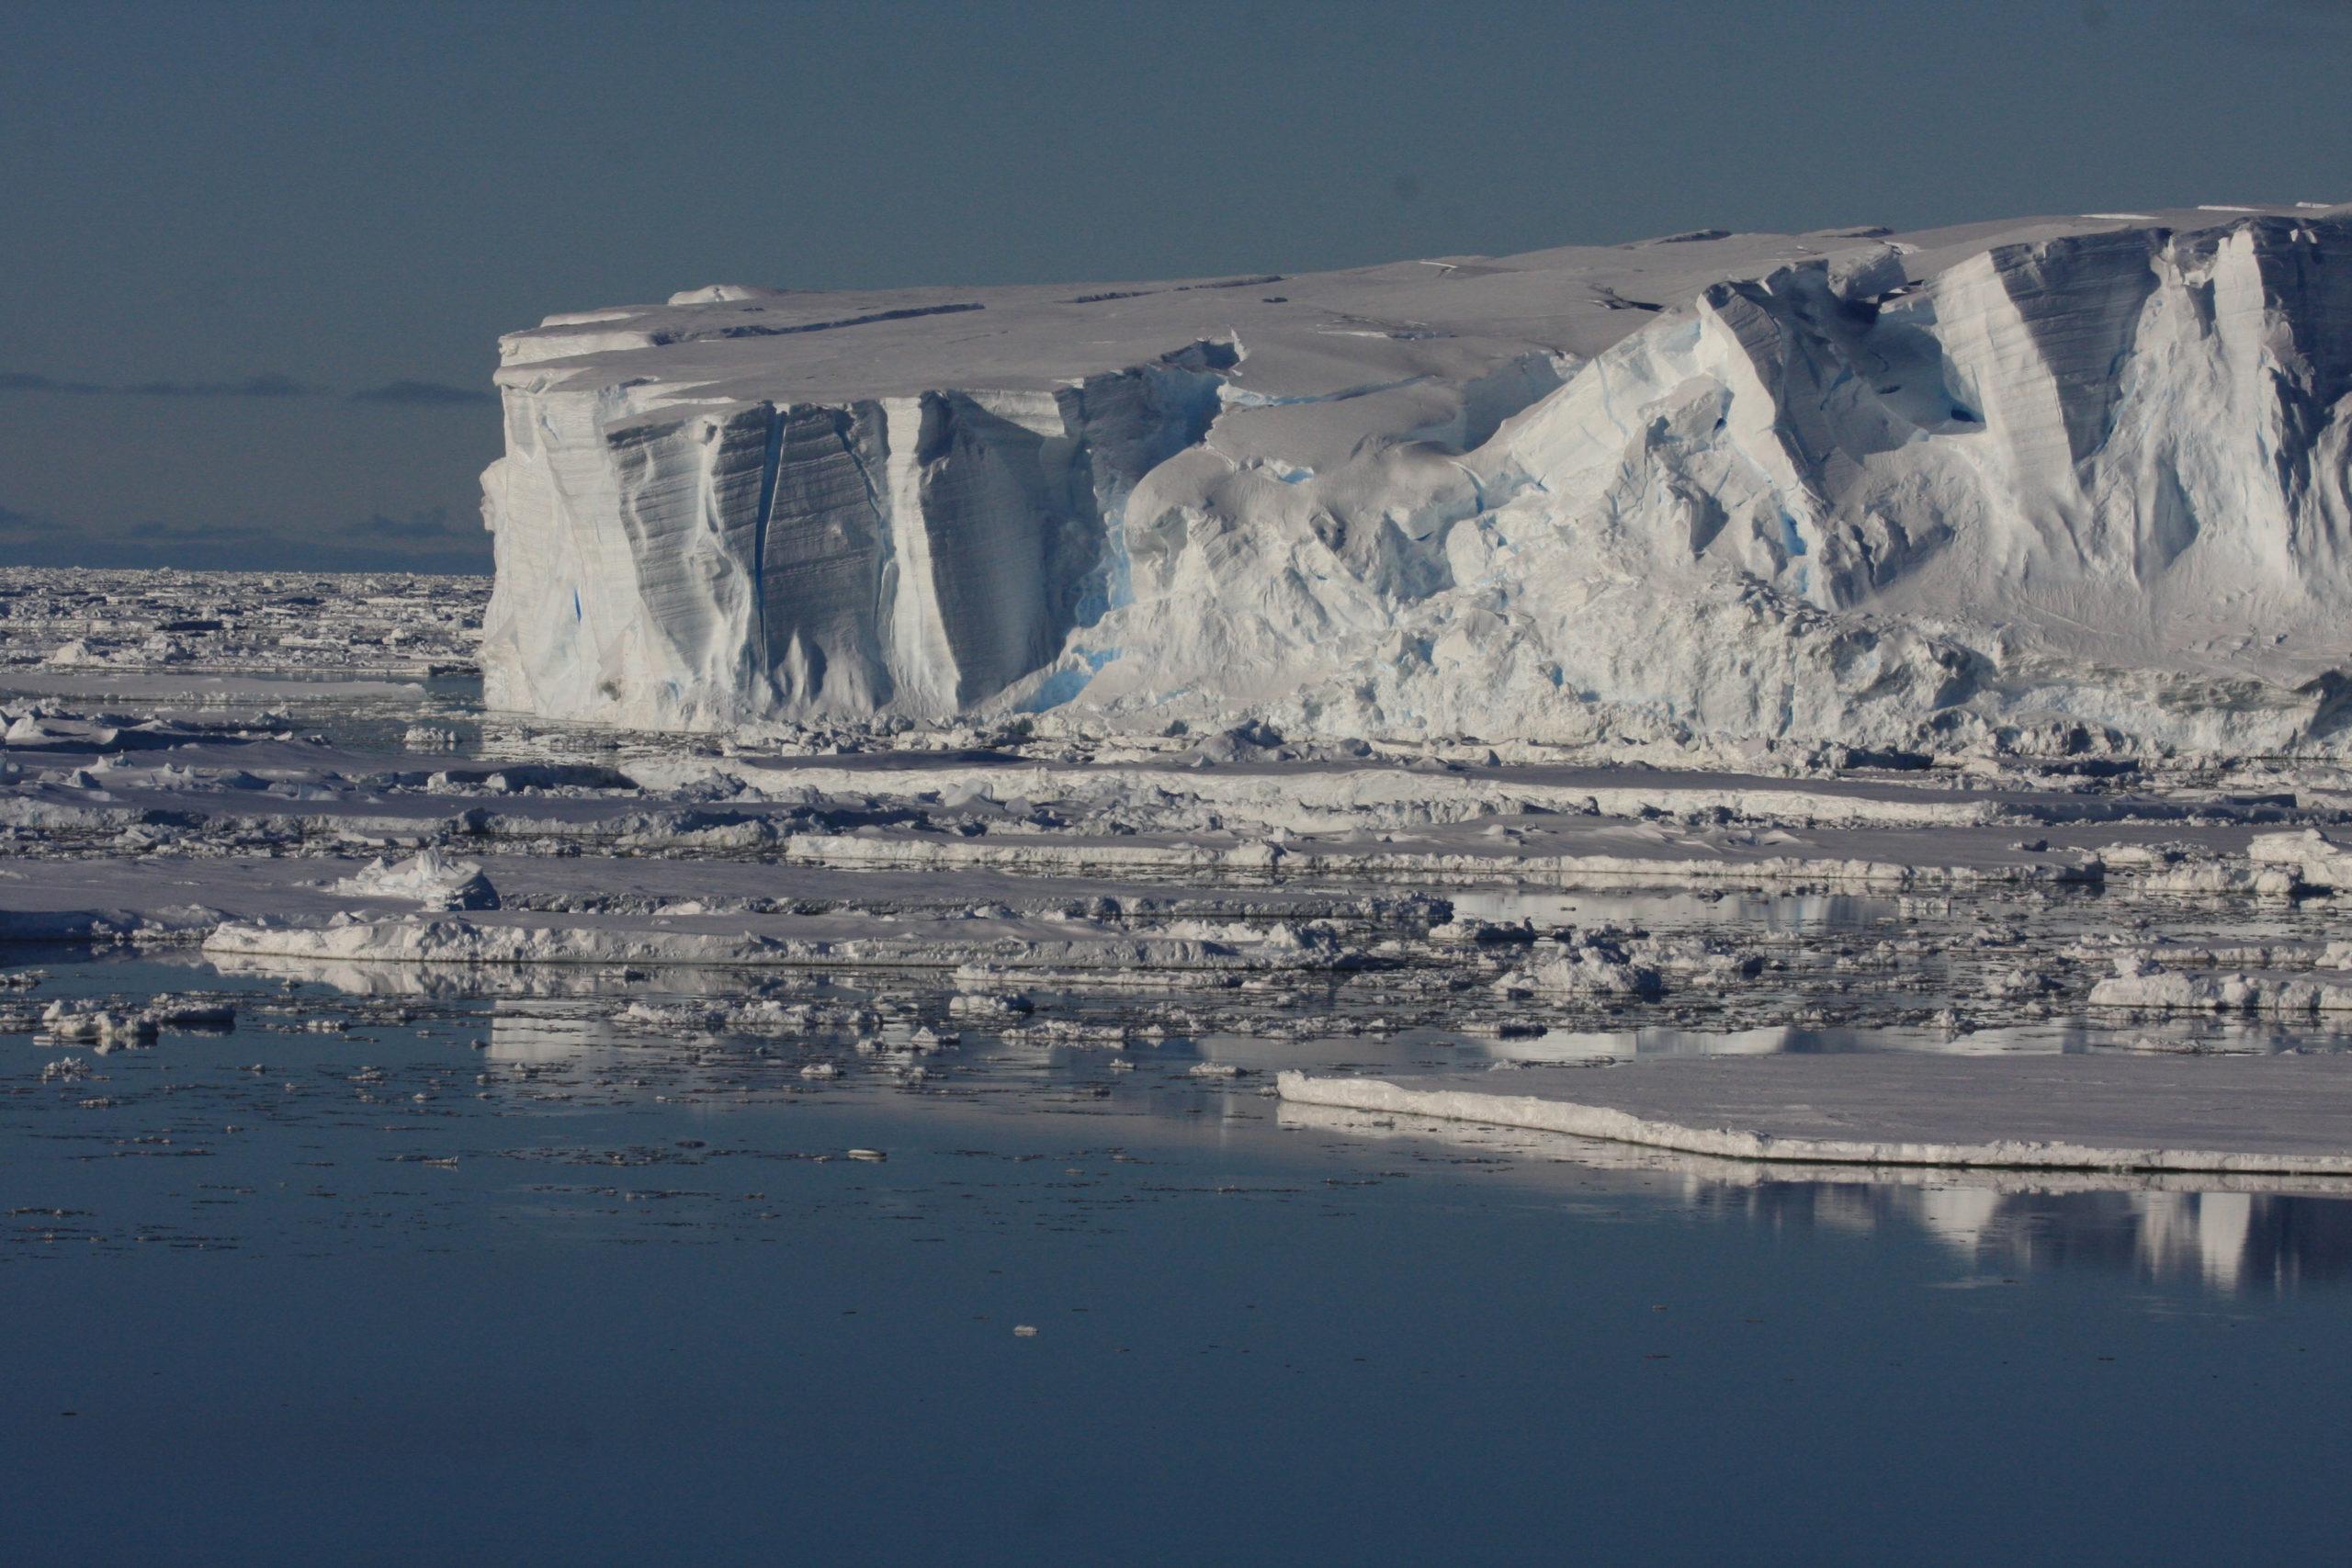 Totten glacier ice shelf, Antarctica's ice shelves